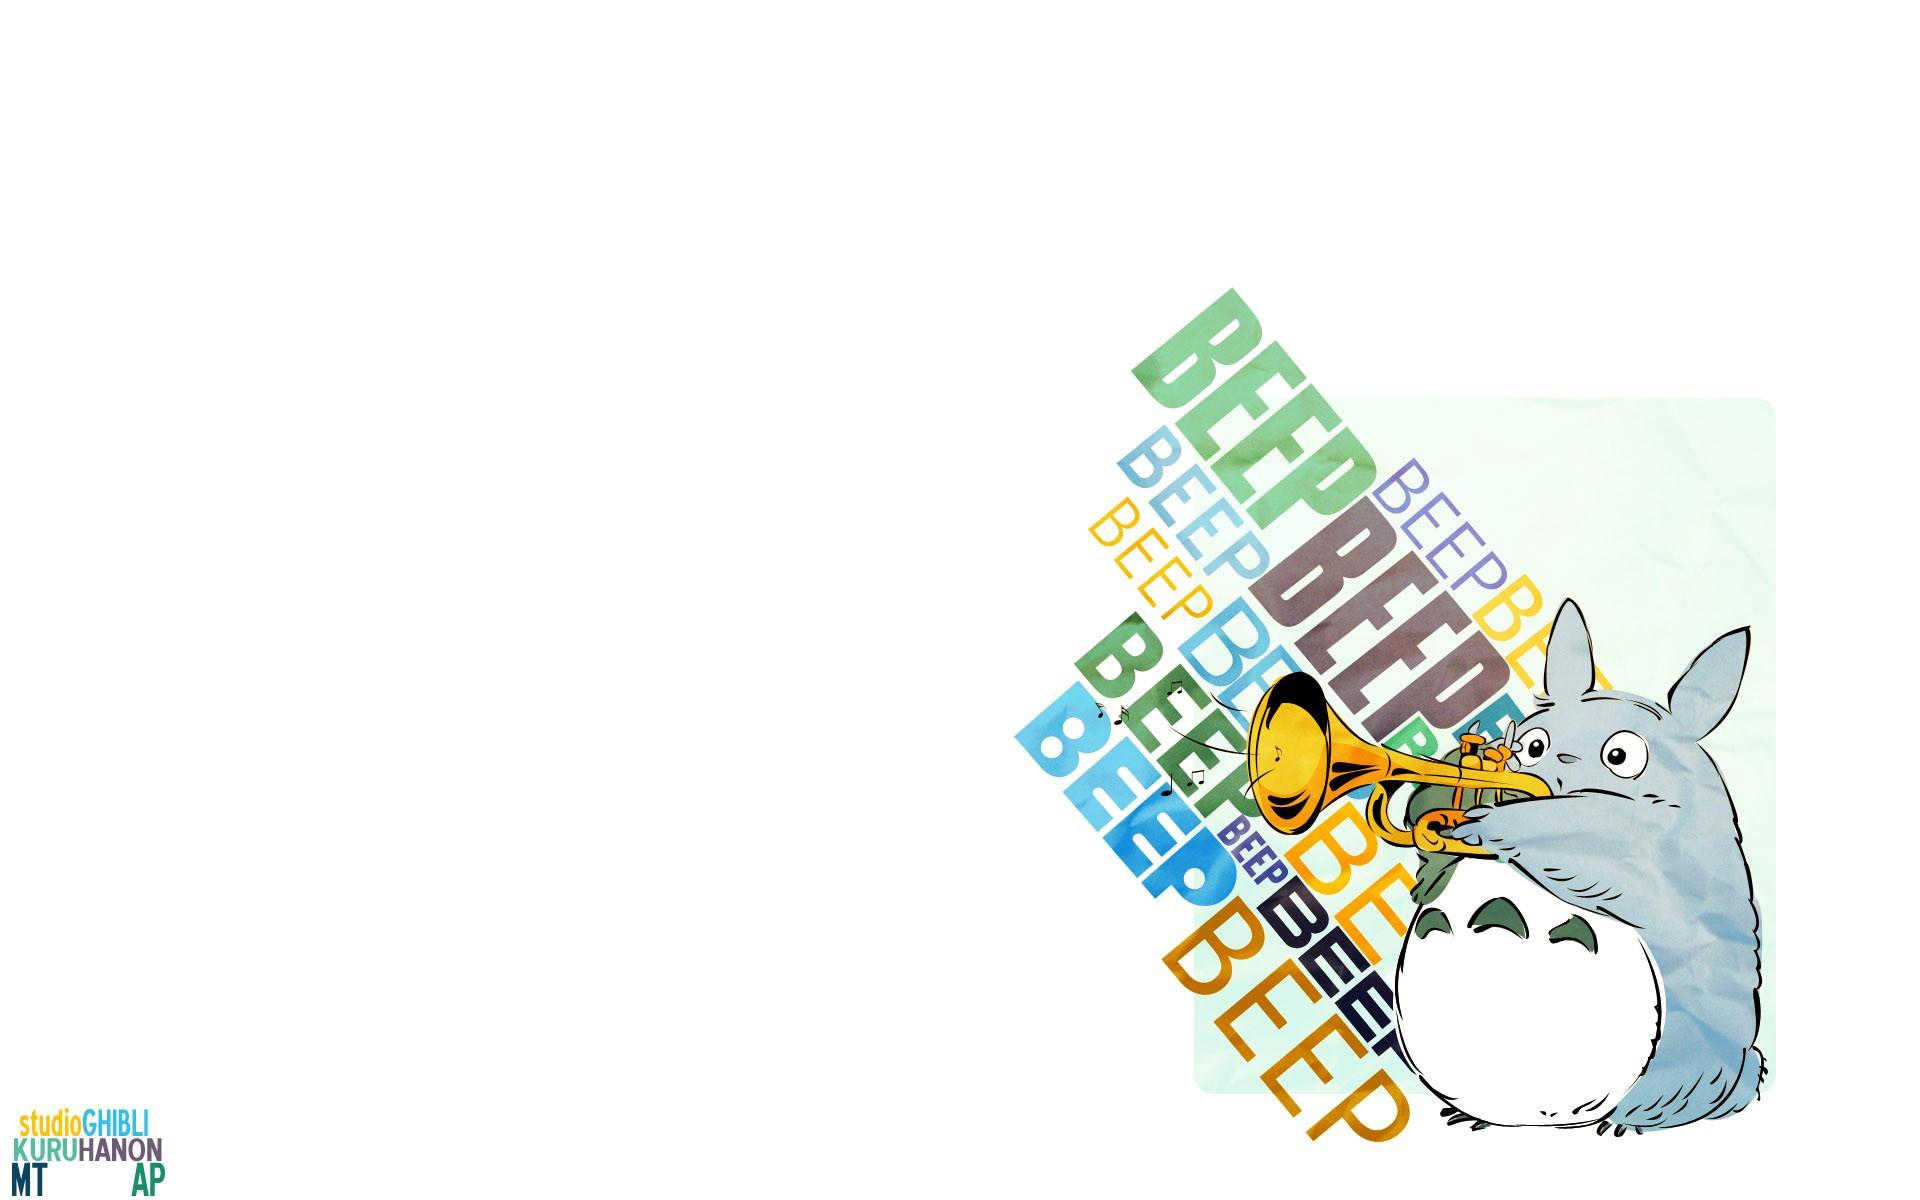 デスクトップ壁紙 図 ロゴ 漫画 となりのトトロ スタジオジブリ